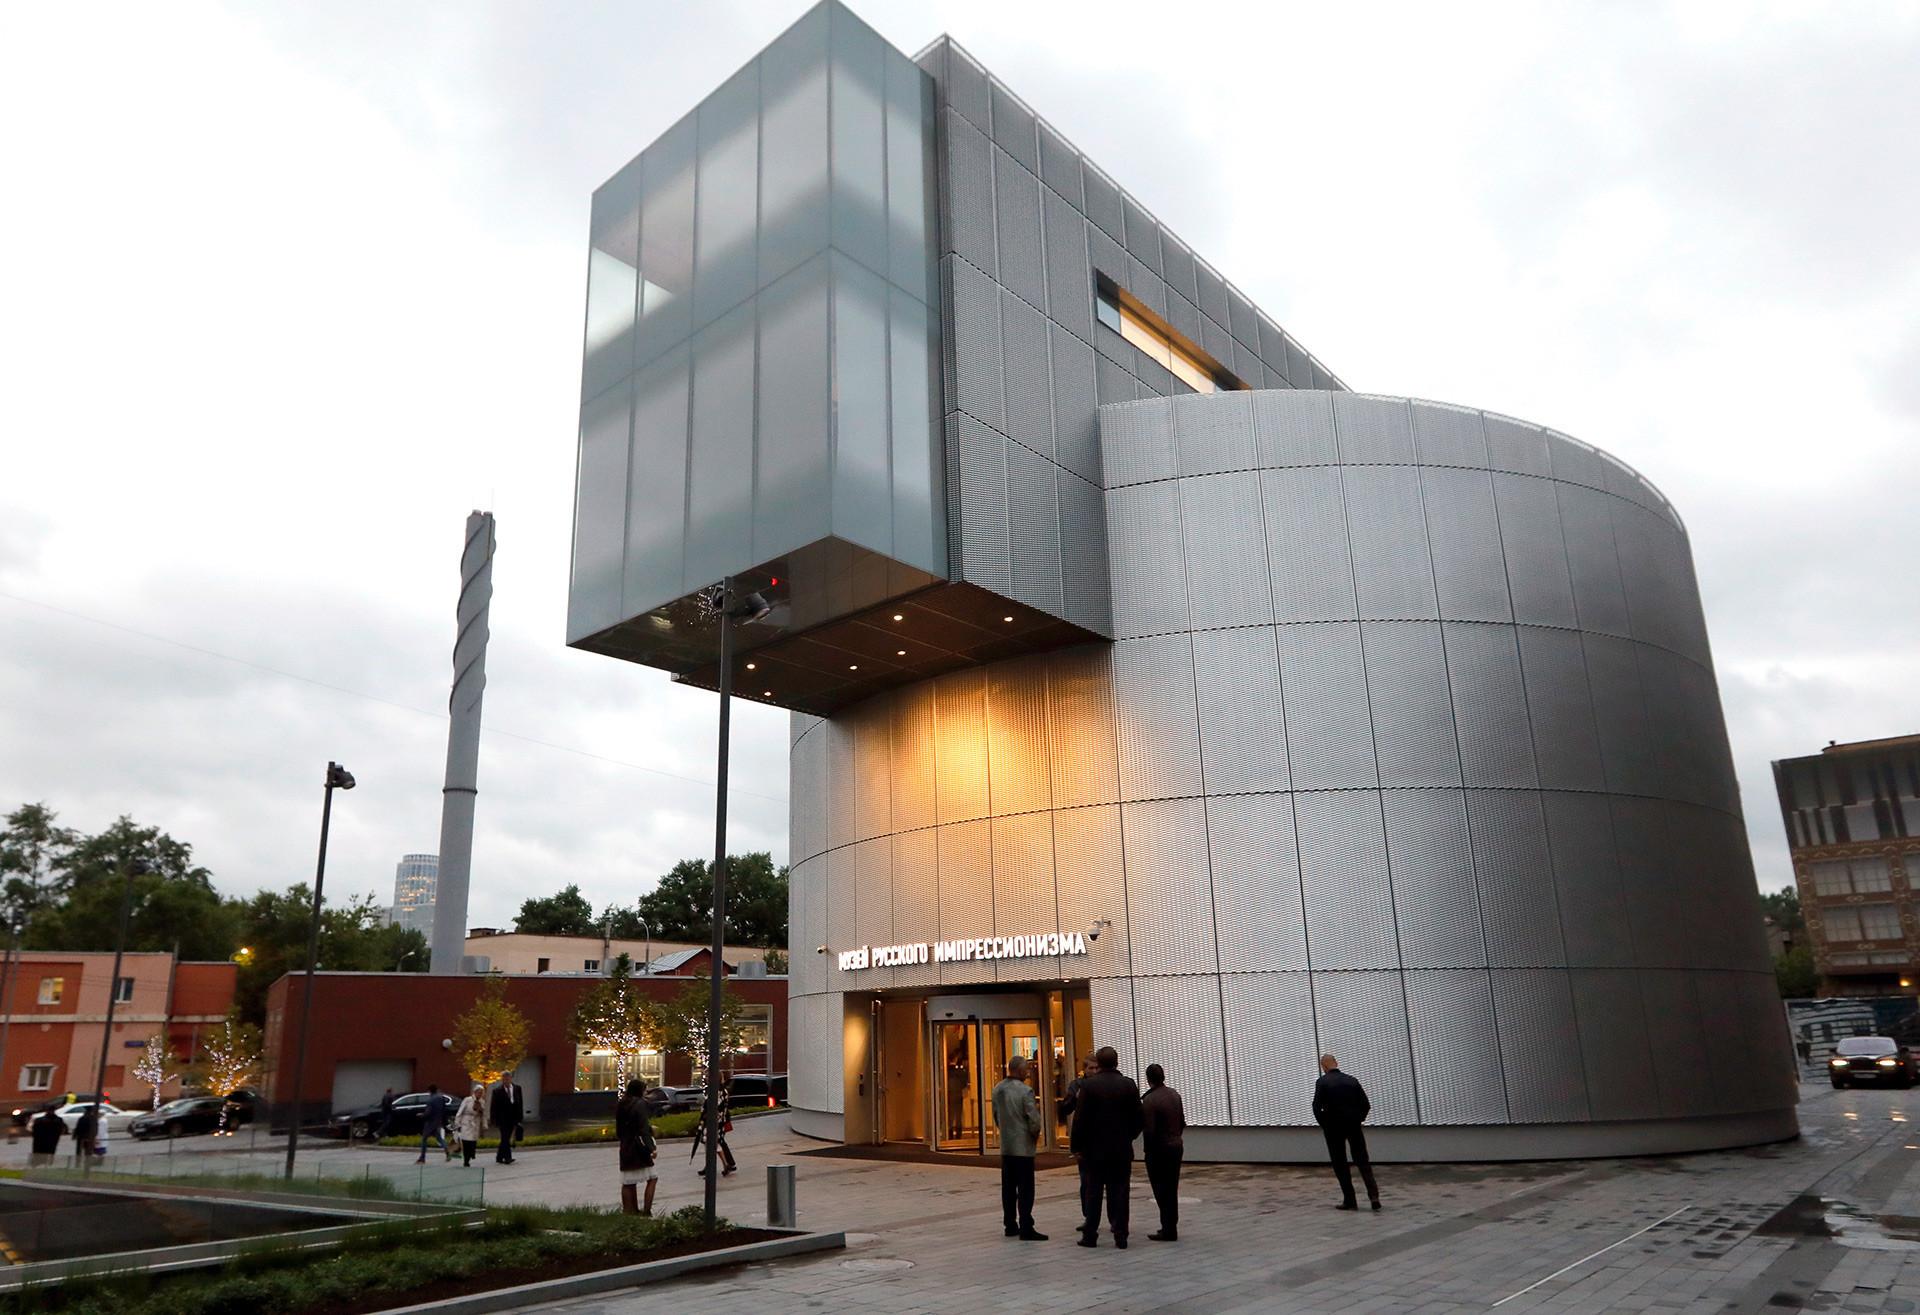 Museu do impressionismo fica localizado em antigo armazém de farinha.